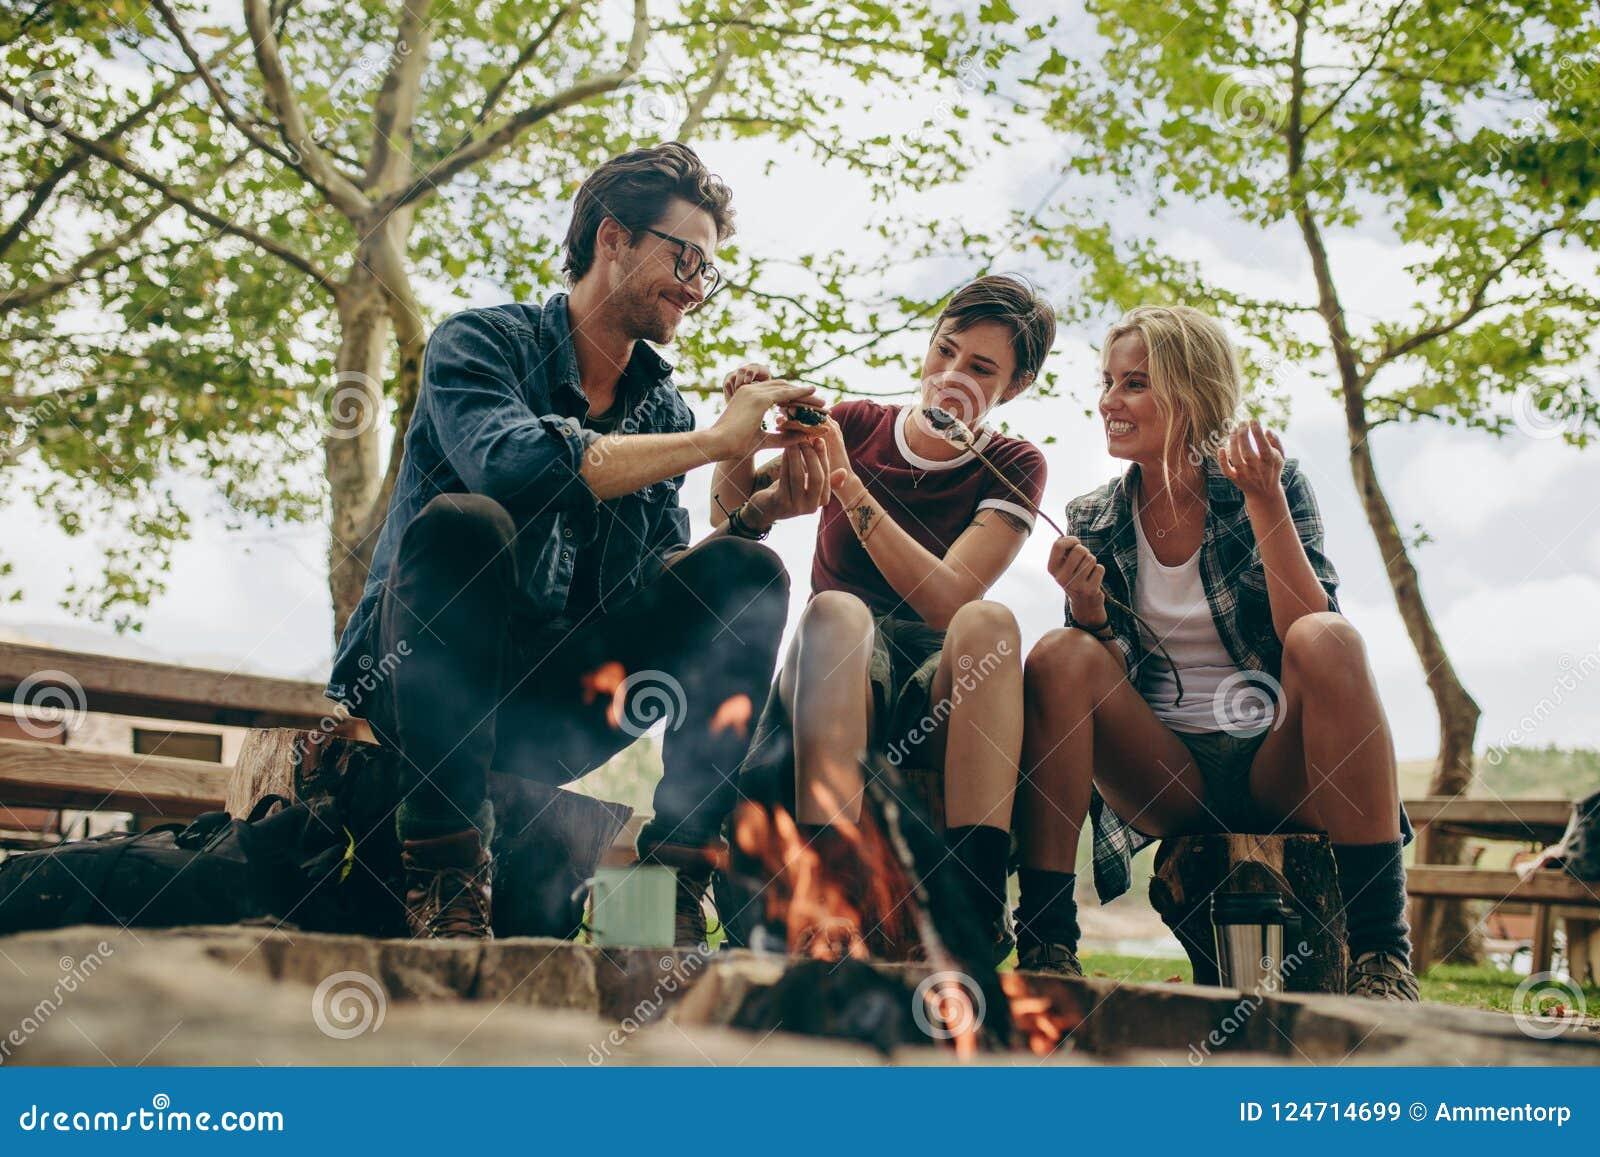 Glückliche Freunde im Urlaub, die in der Landschaft kampieren